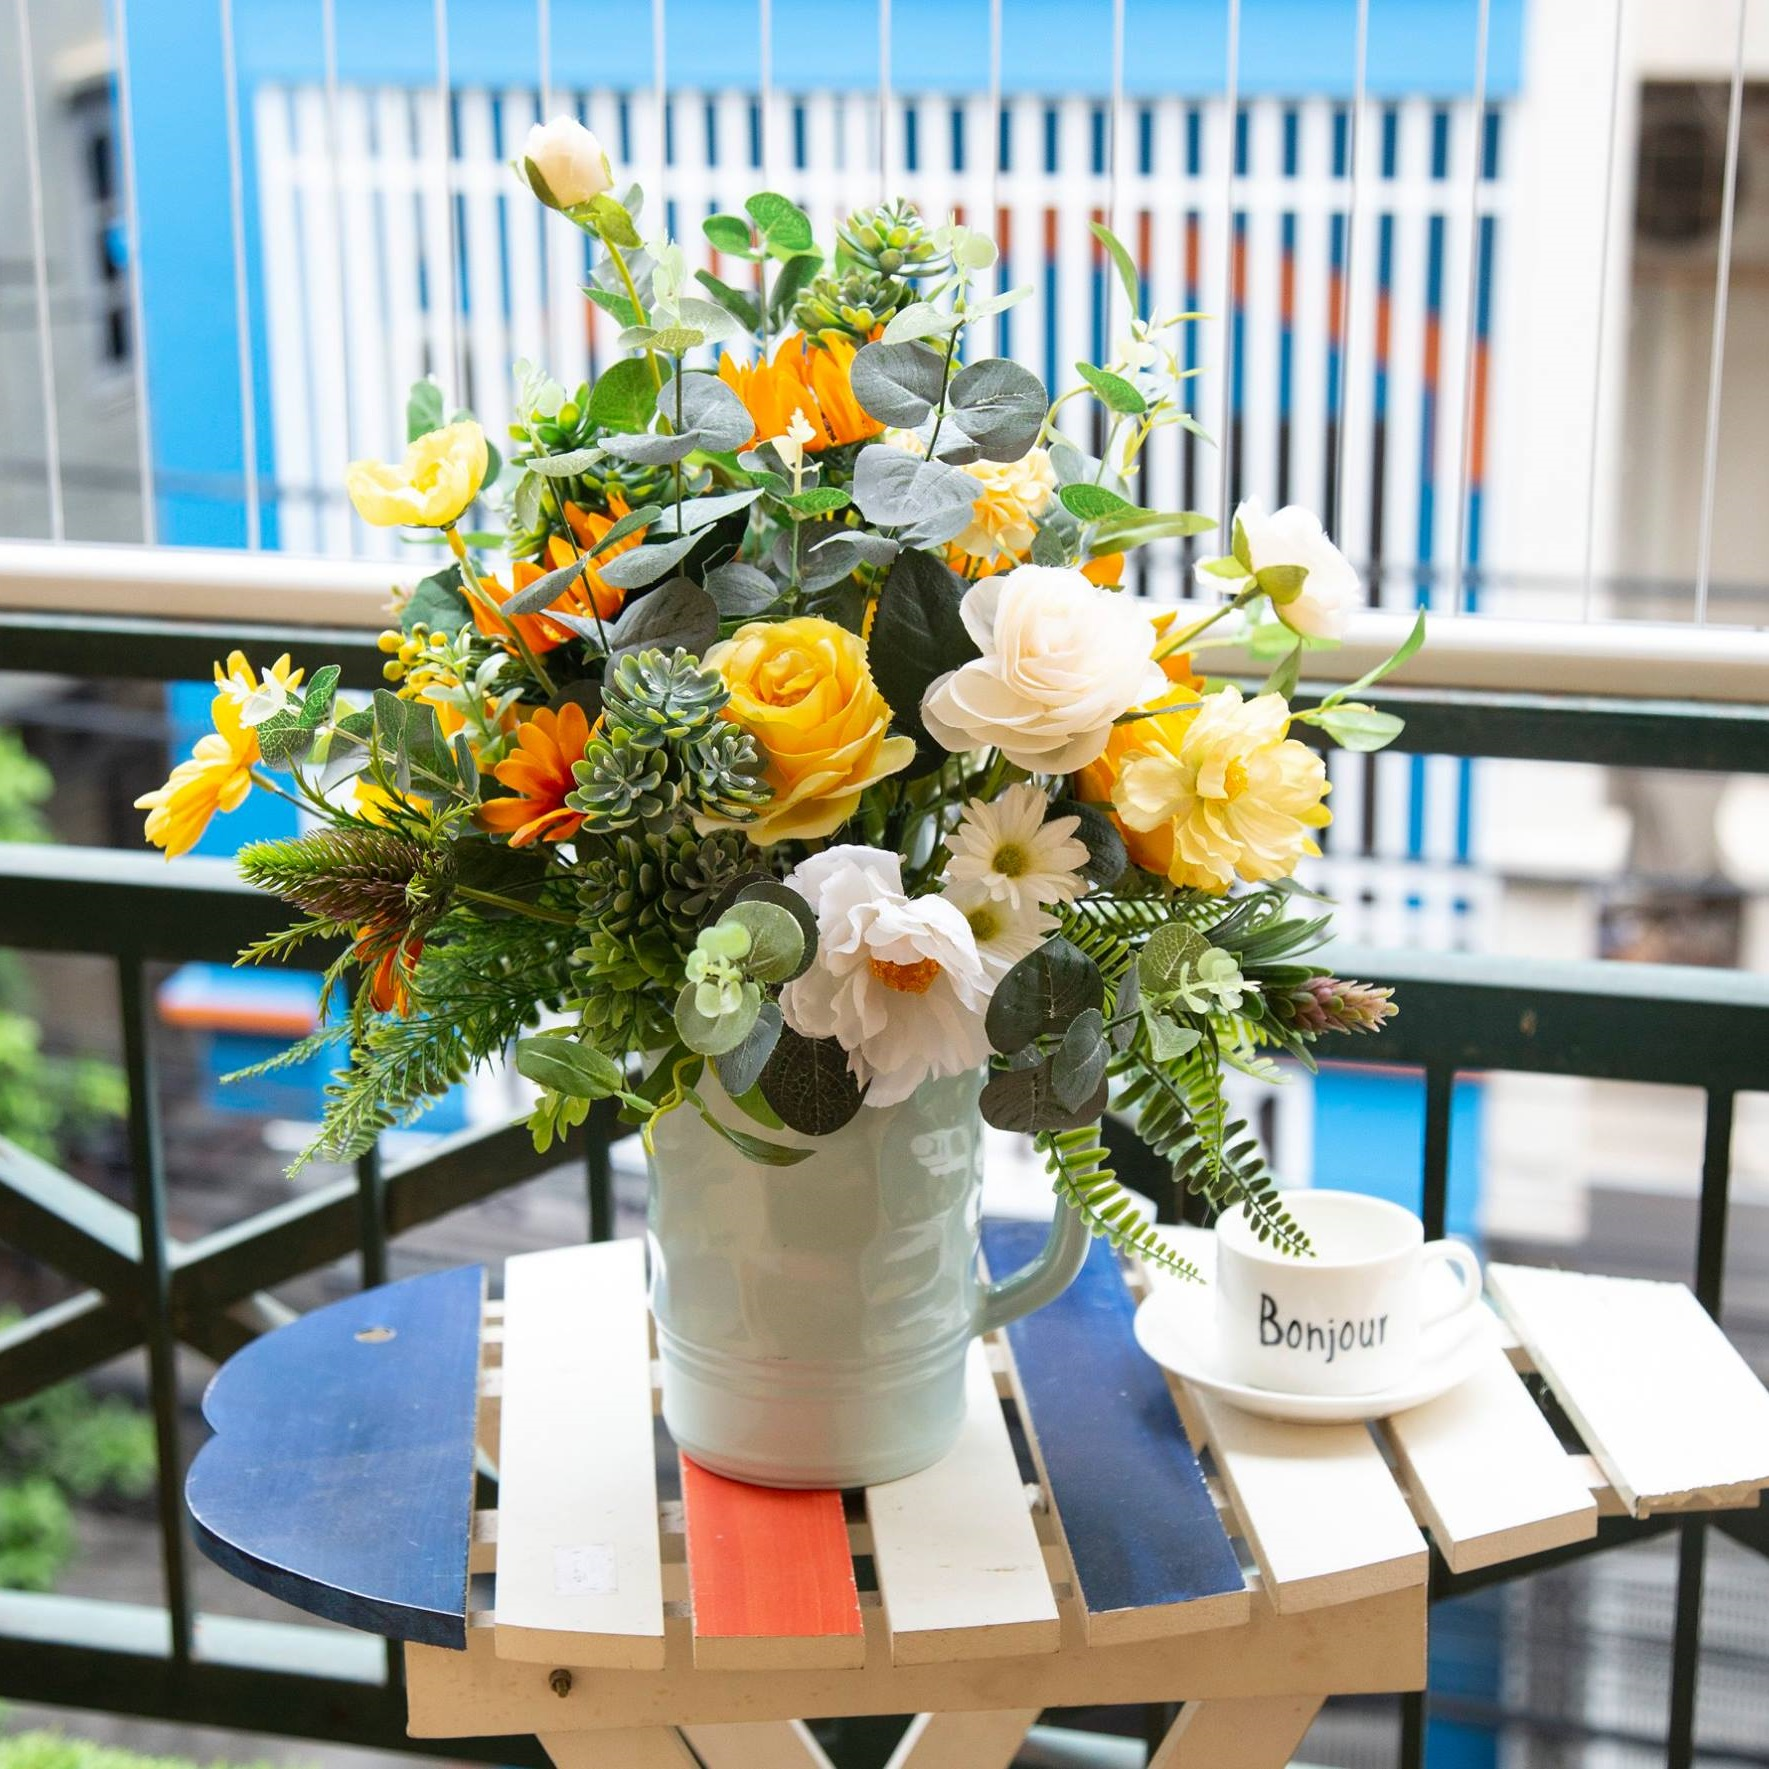 BH562 - Bình hoa hướng dương trang trí